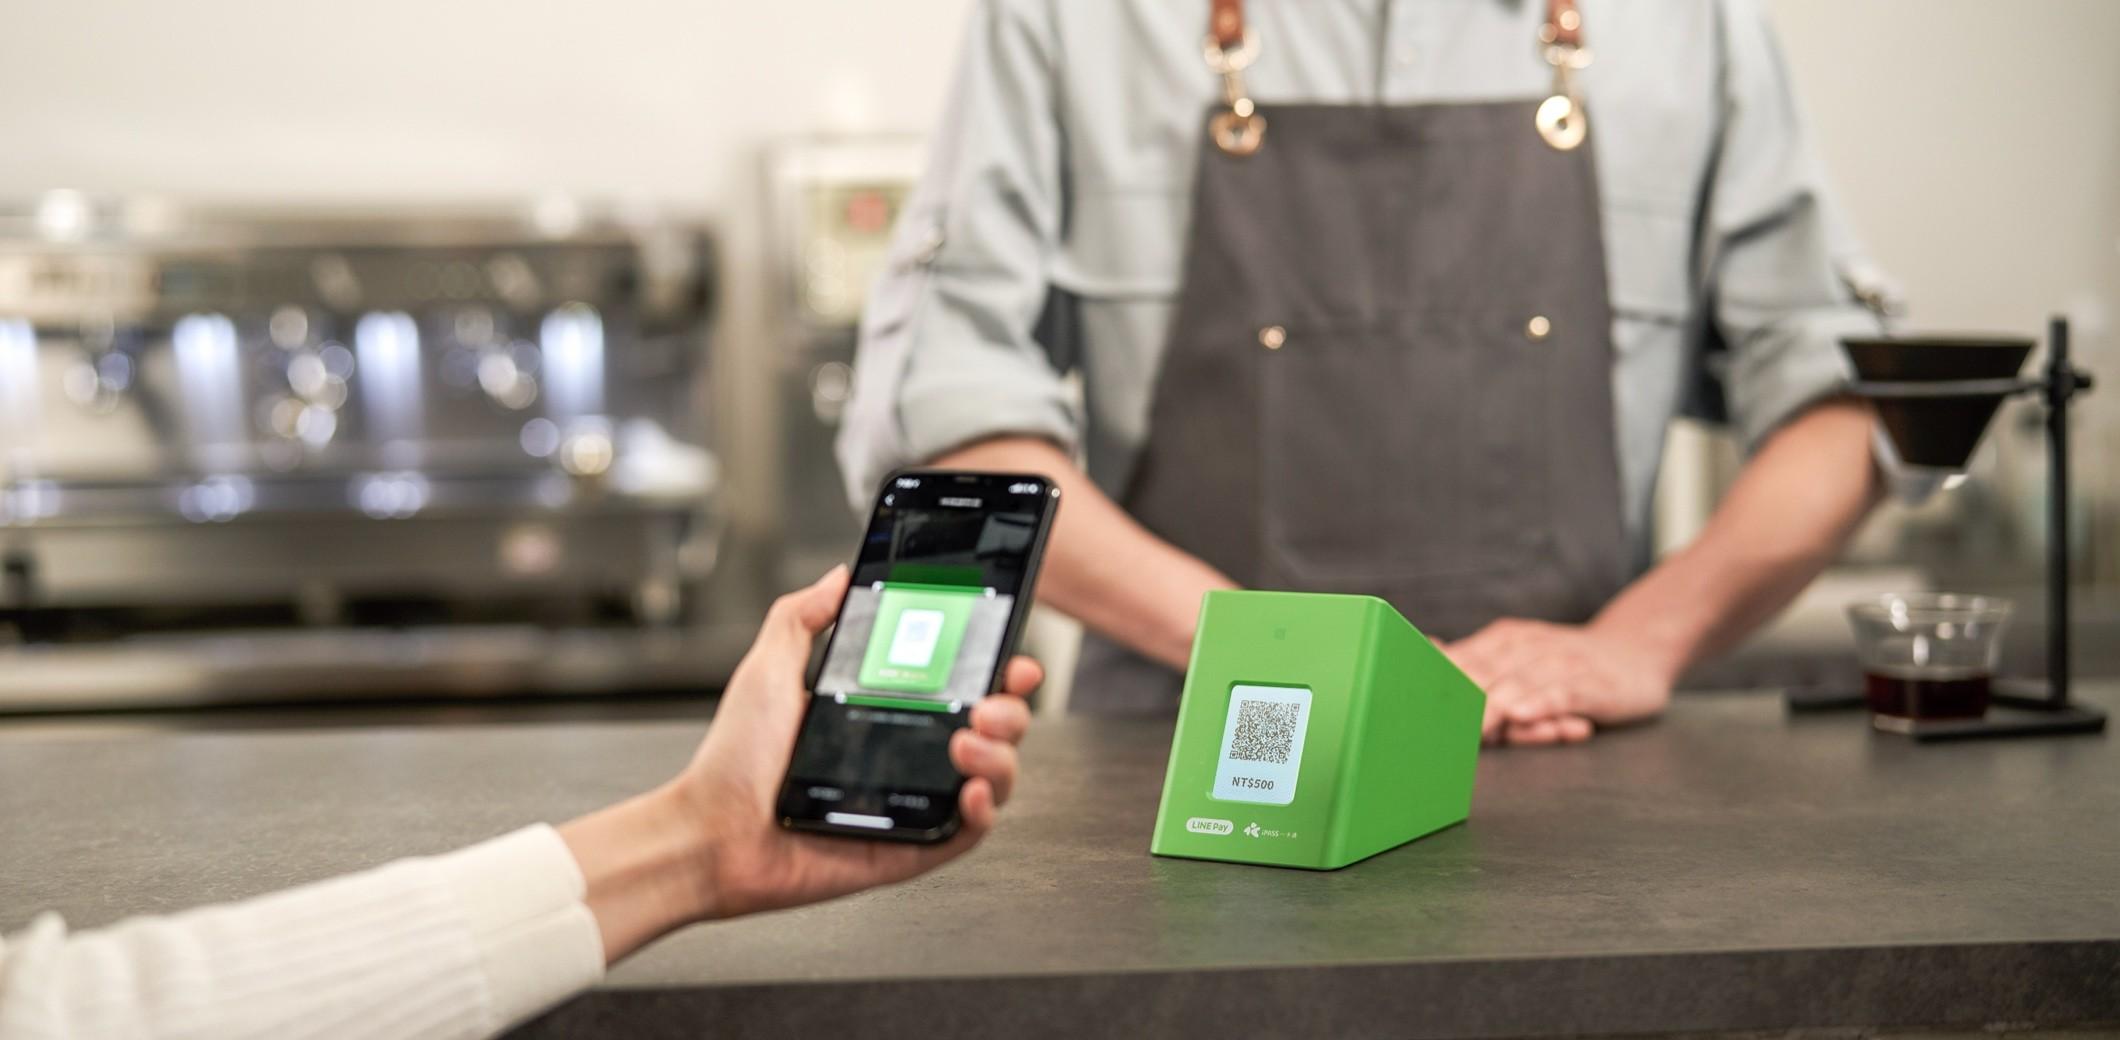 照片中提到了NT$500、LINE Pay,包含了小工具、LINE Pay、付款、手機支付、Google Pay